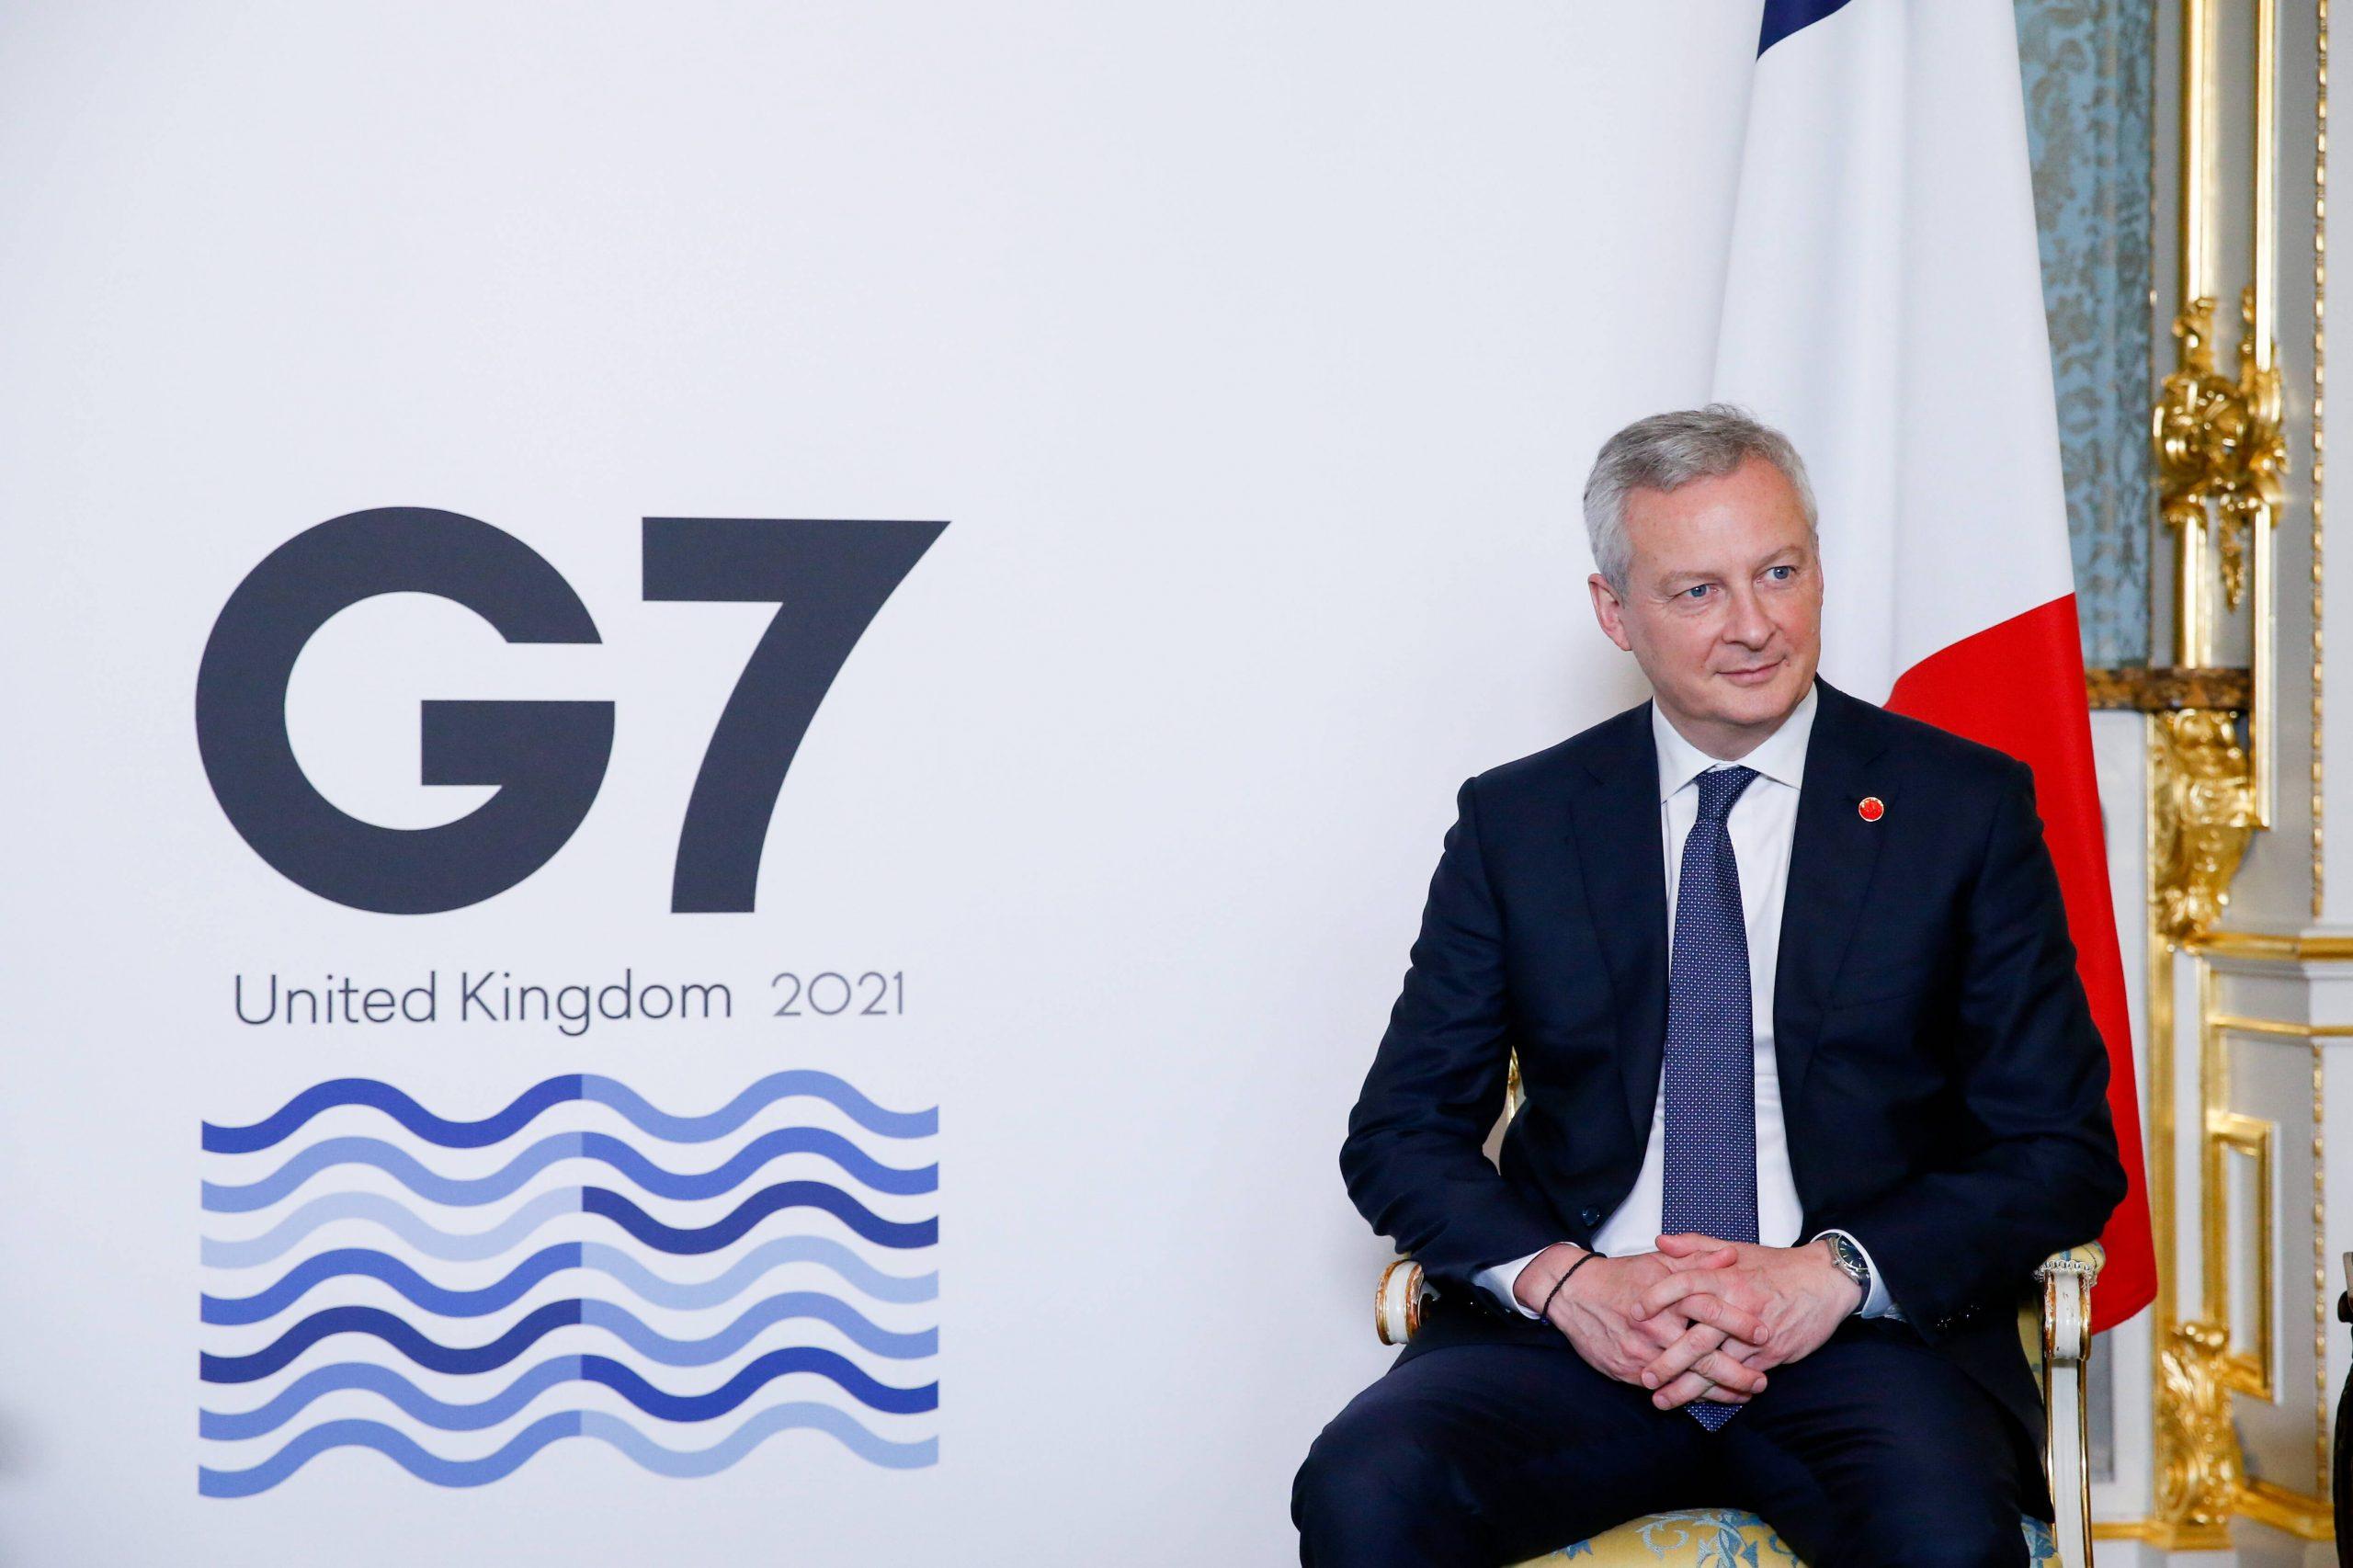 światowy cit szczyt g7 londyn- grafika wpisu